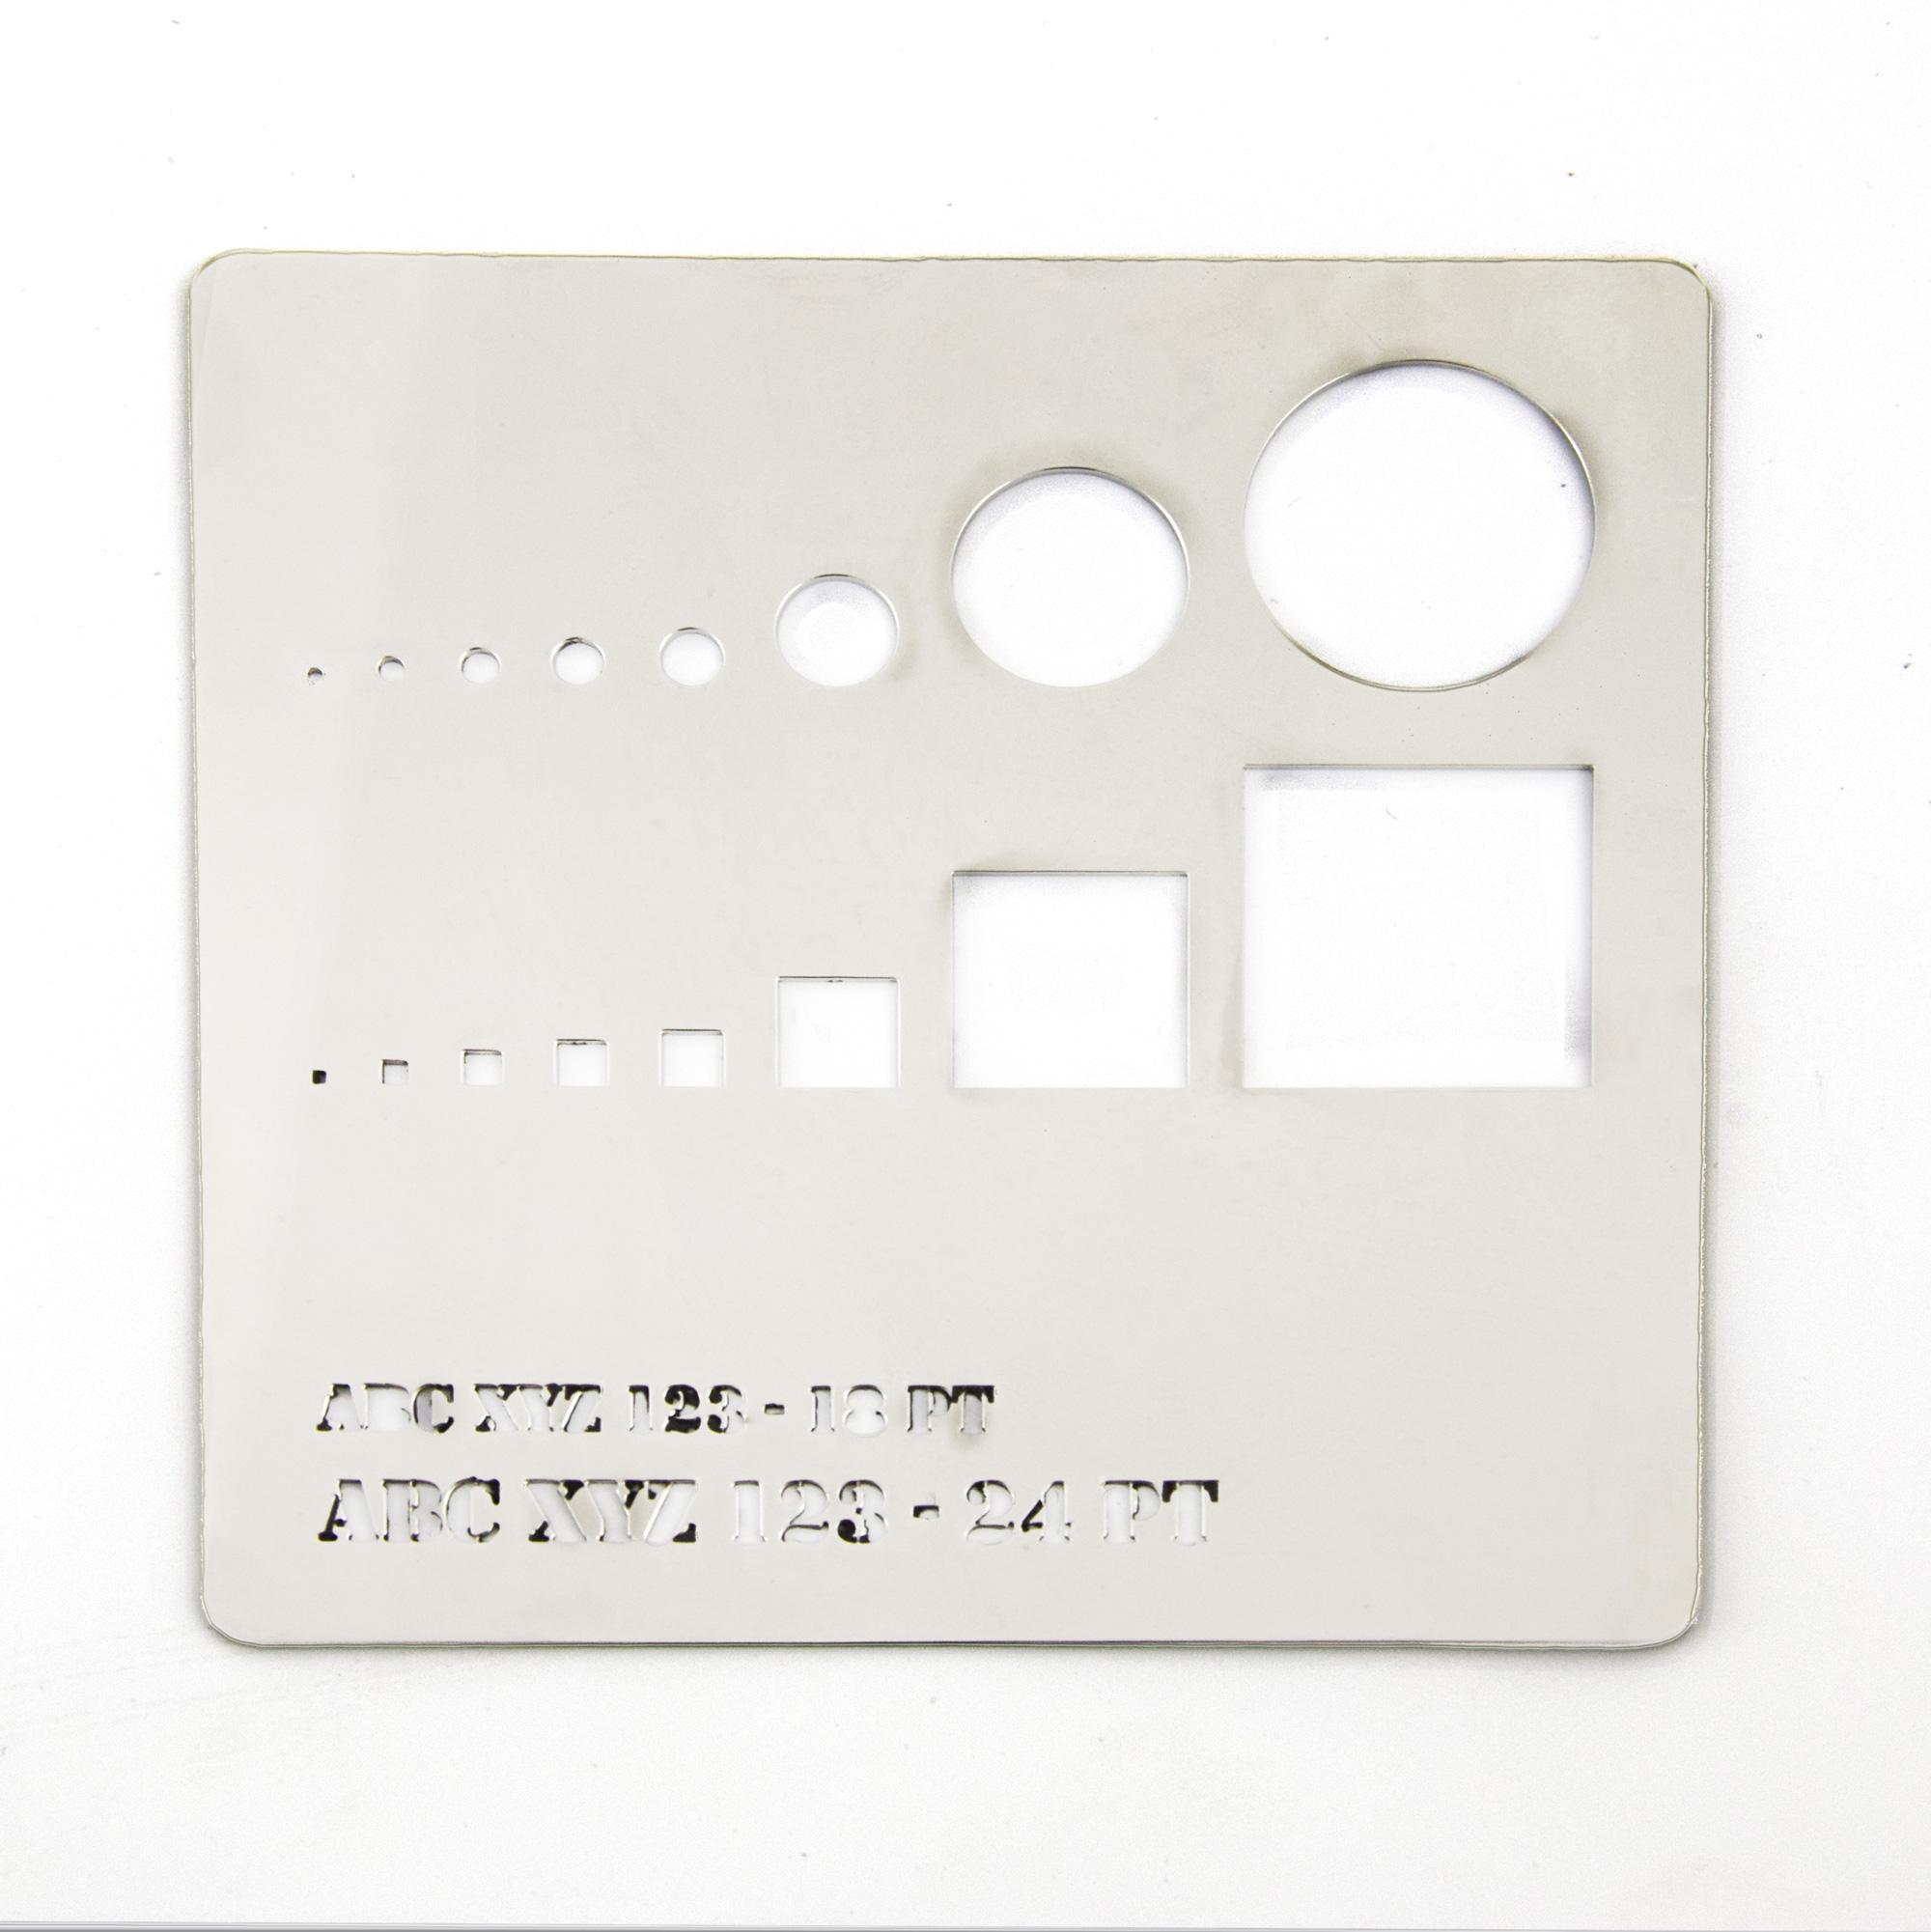 Acier inoxydable finition miroir - test de coupe